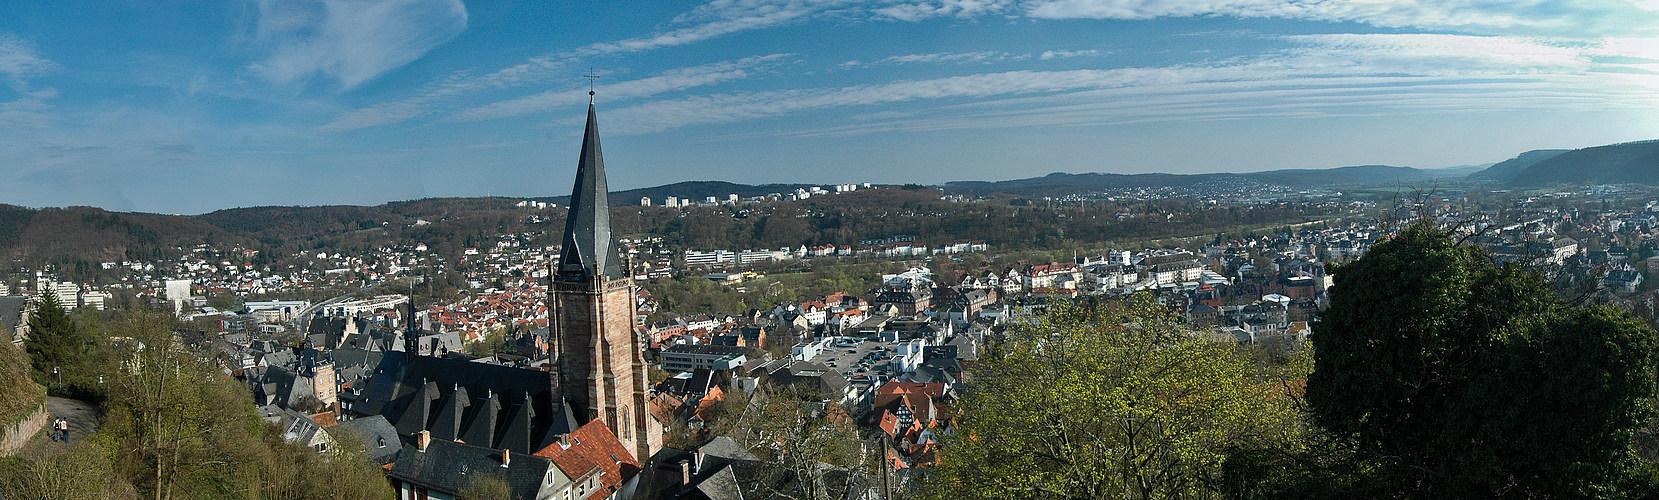 Marburg Panorama